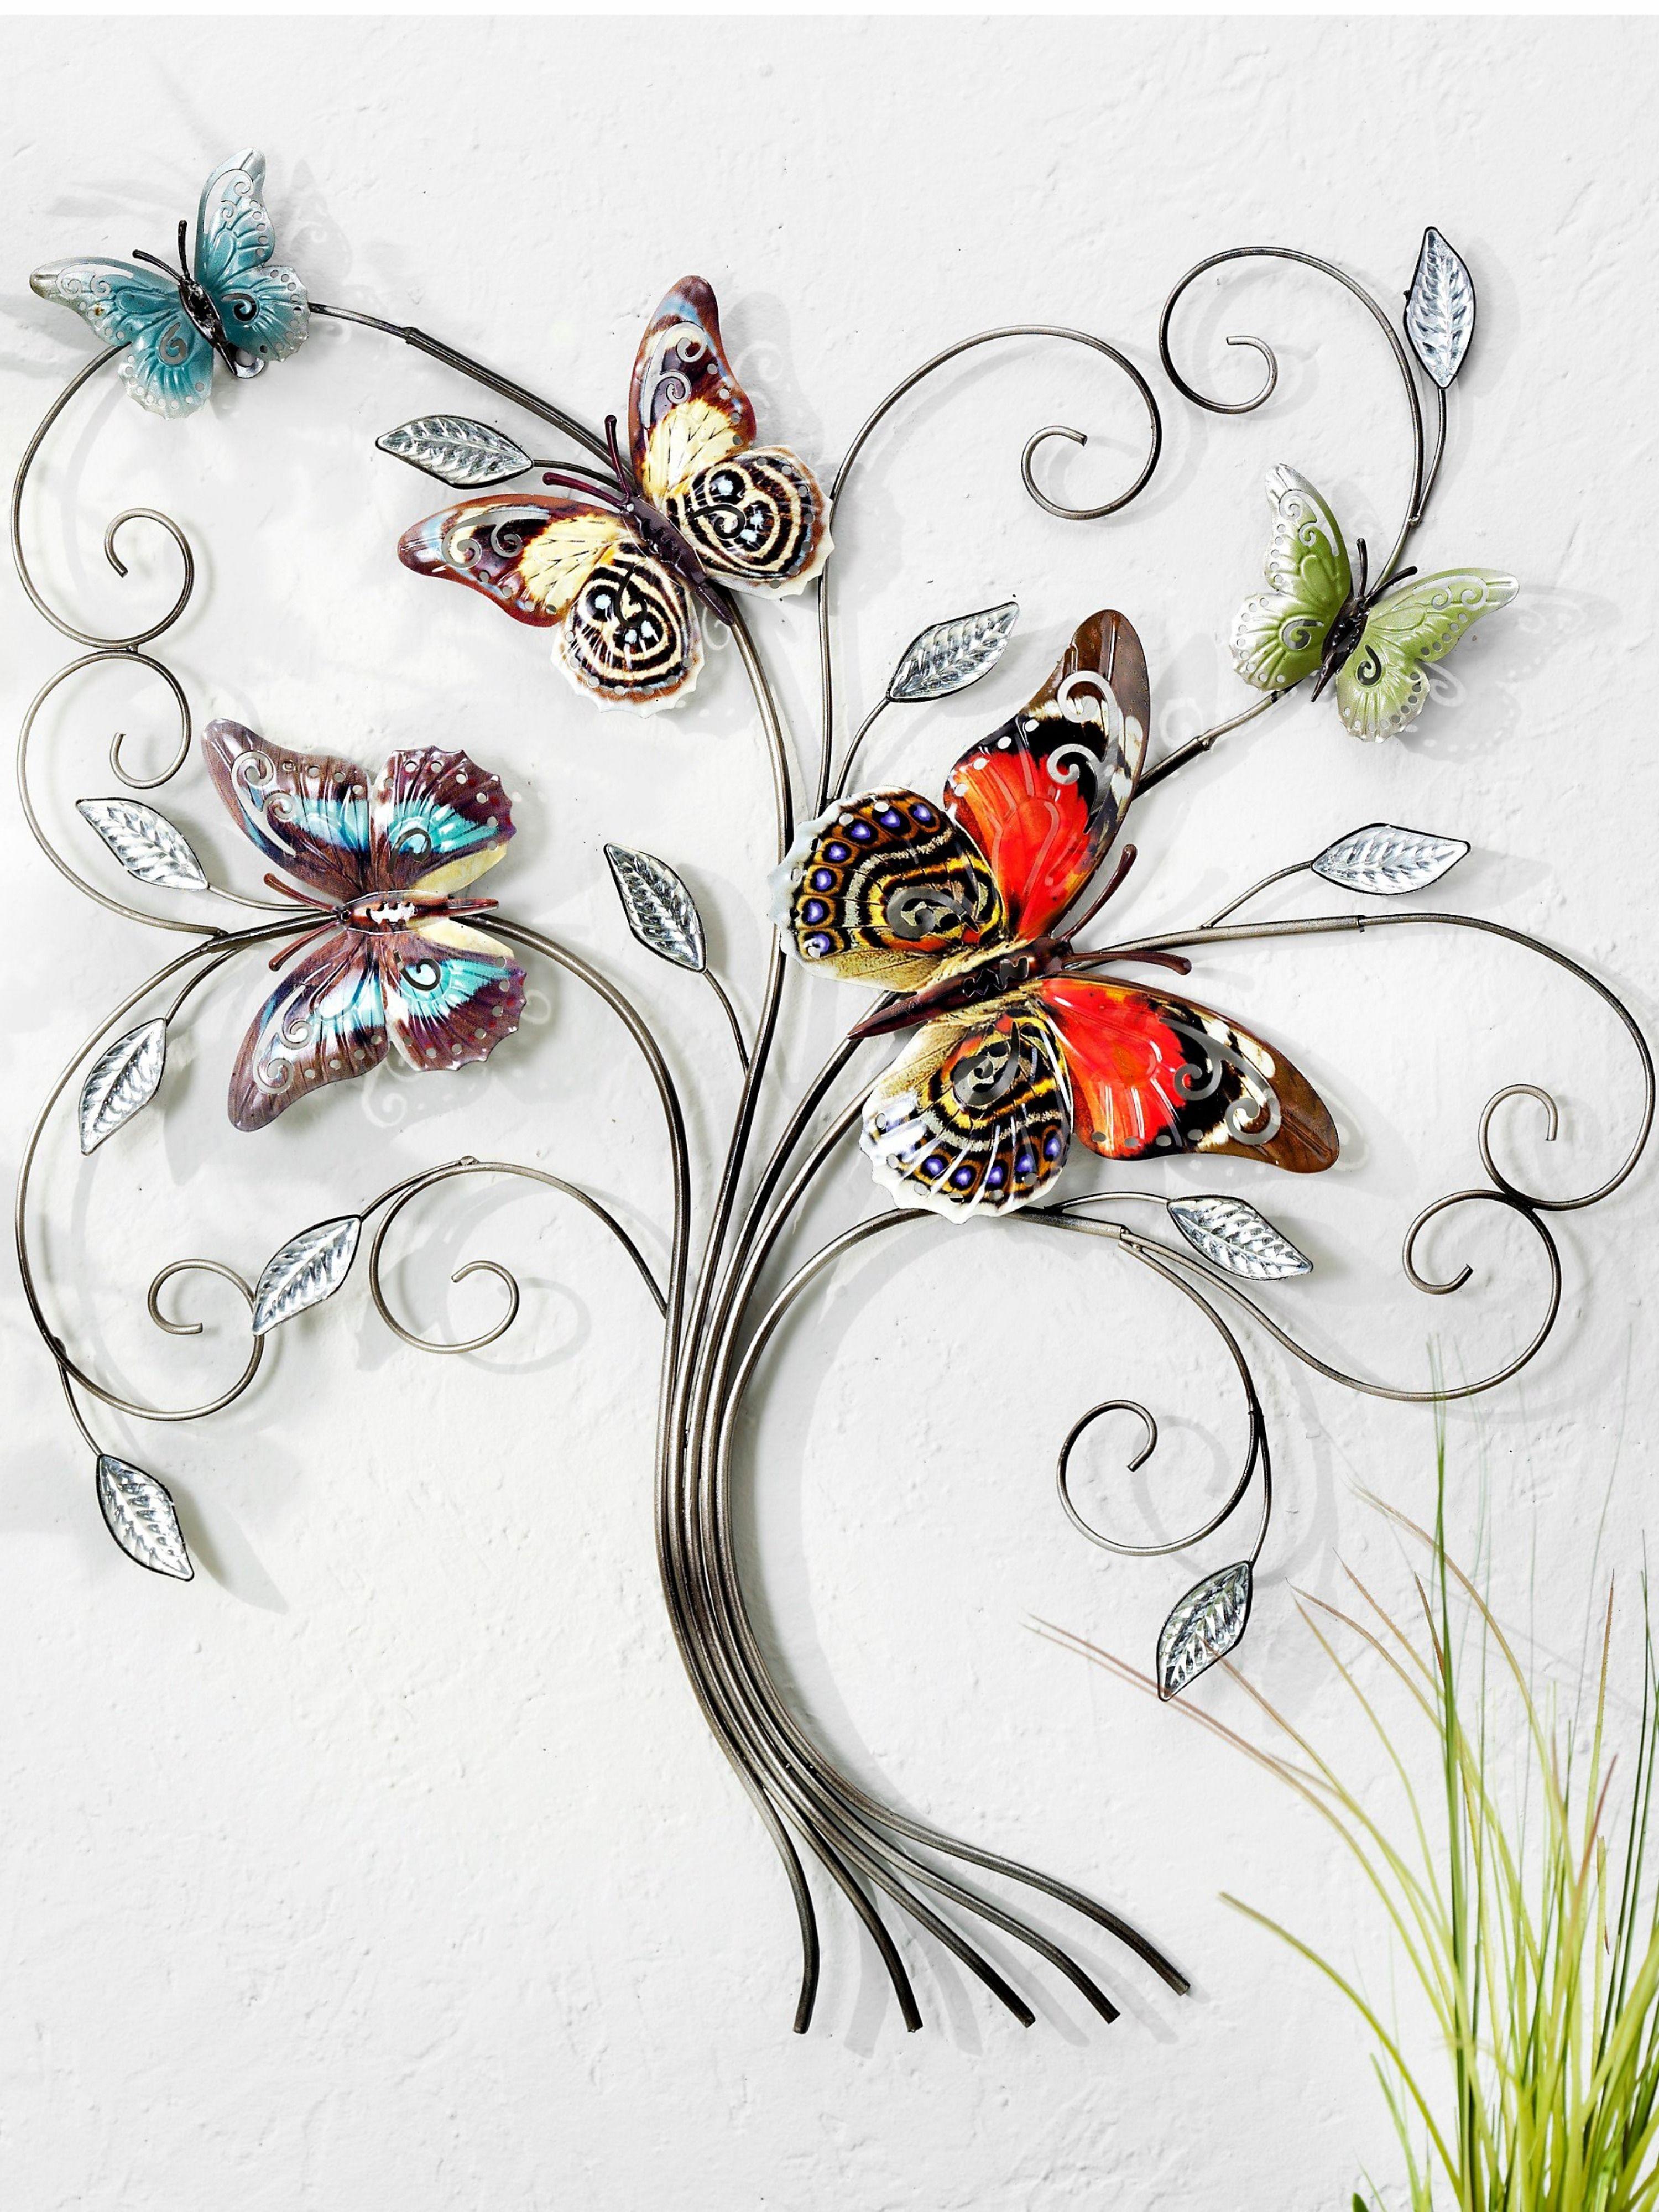 wandornament aglais jetzt bei weltbild de bestellen ornamente wandschmuck fenstergestaltung wanddeko metall blume silber wanddekoration aus